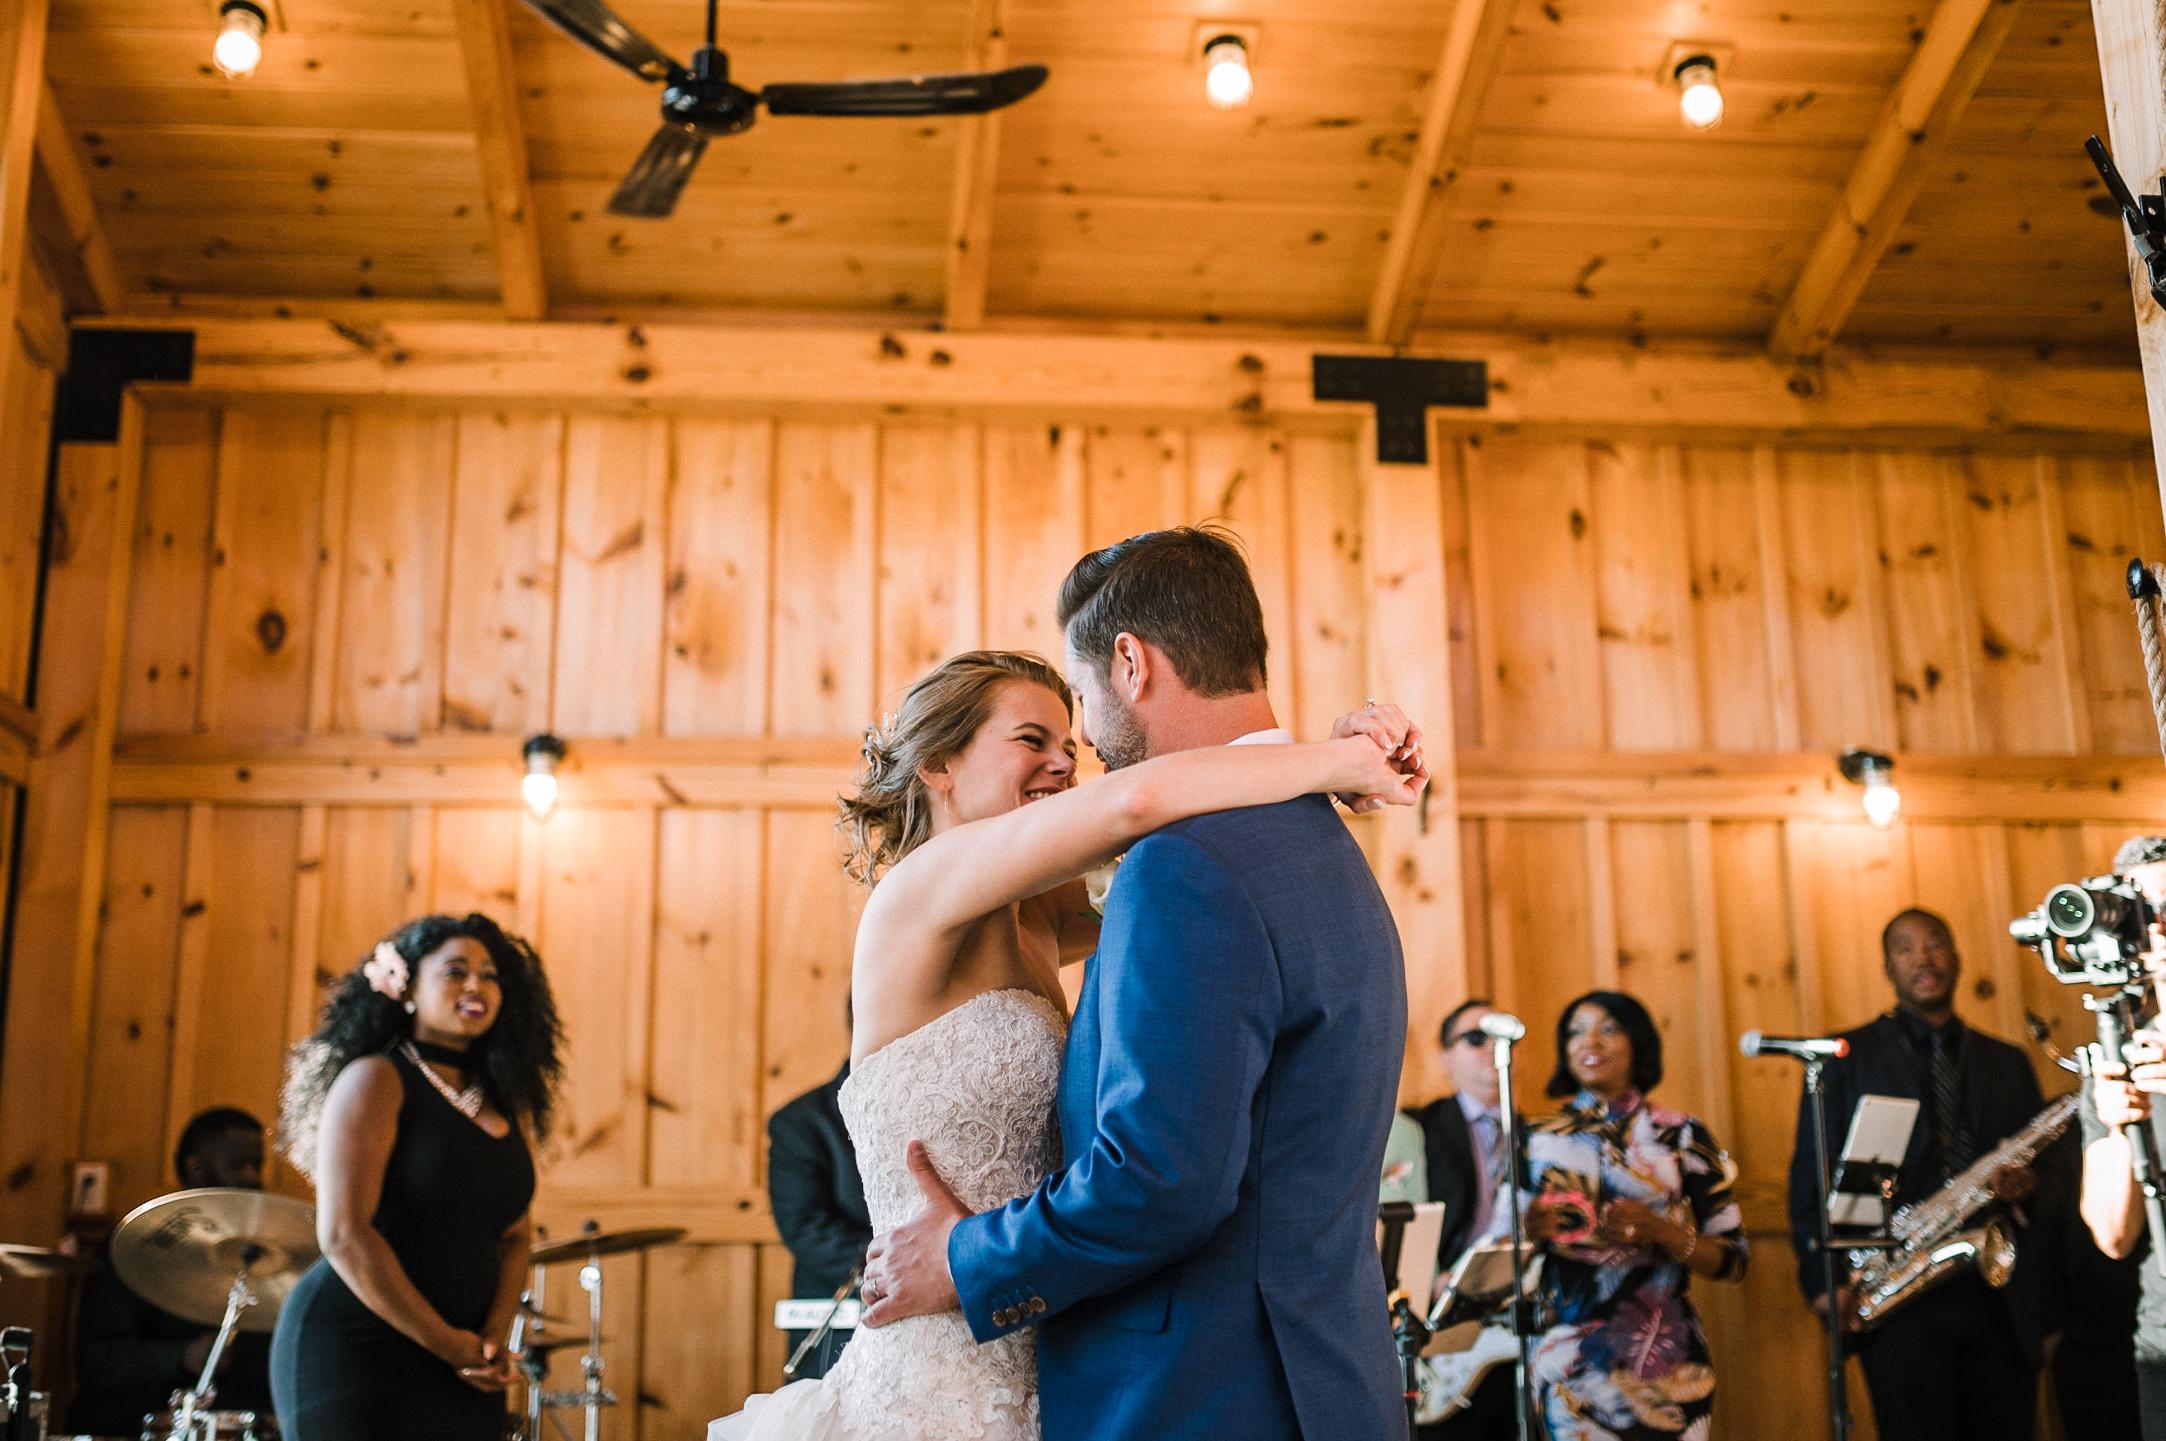 bride and groom dancing at reception at Faithbrooke Barn & Vineyards